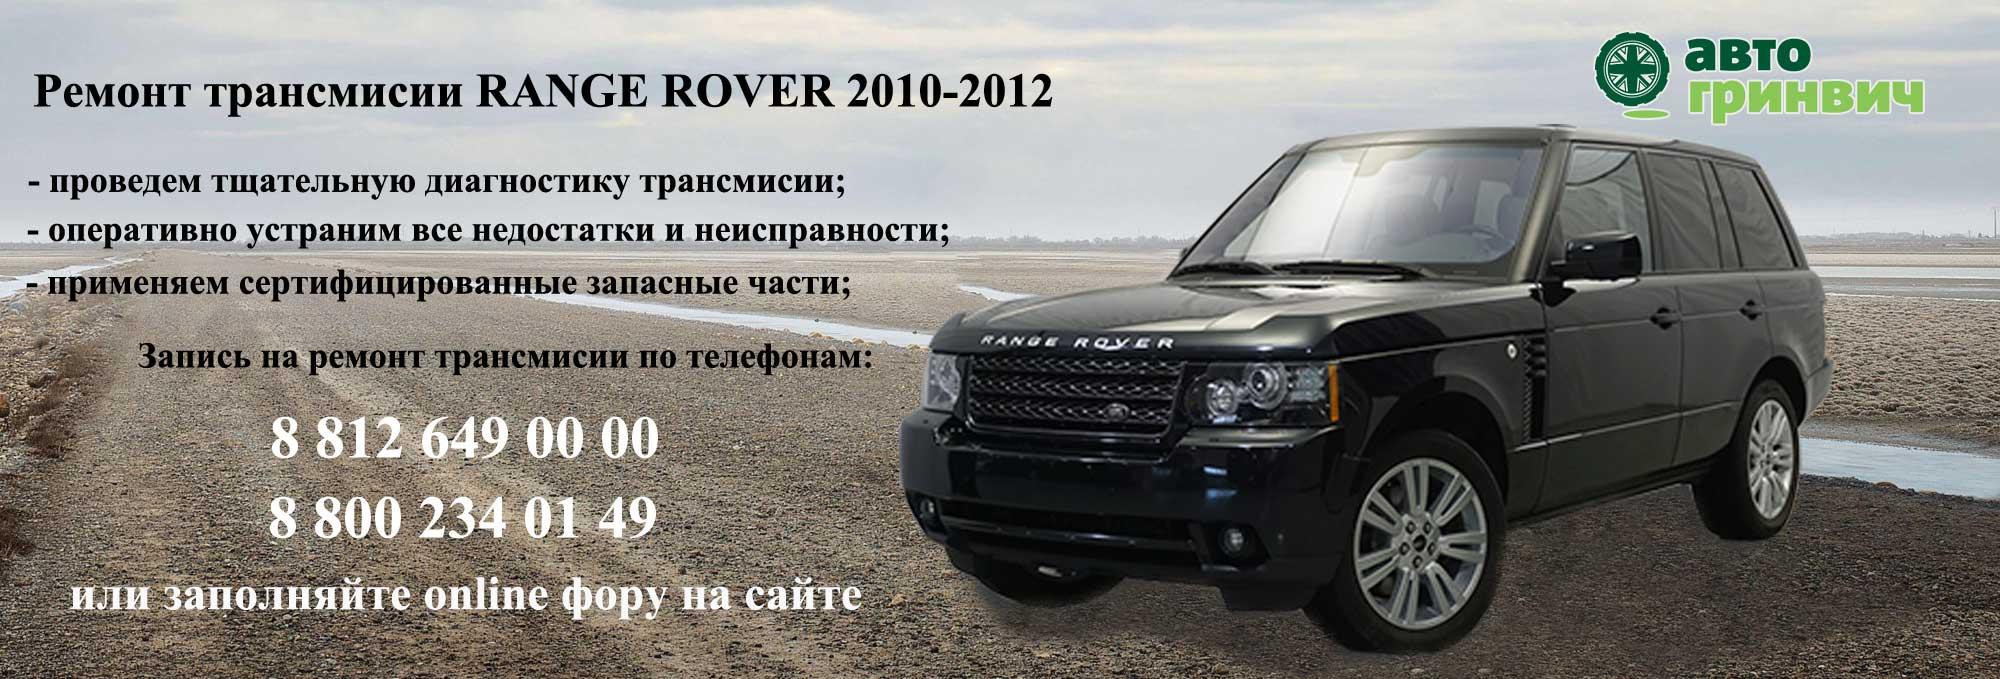 Ремонт трансмиссии Range Rover 2010-2012